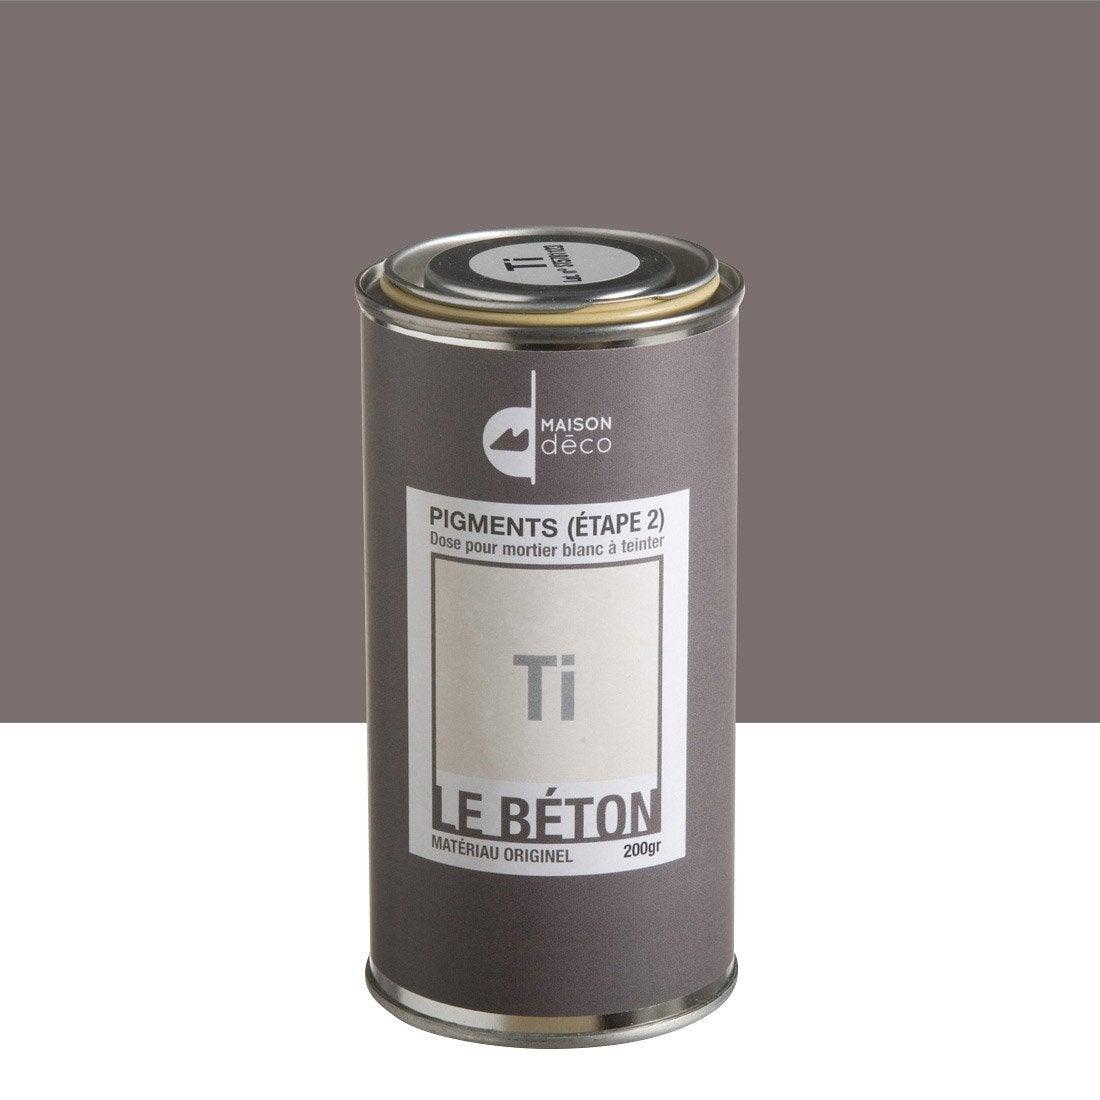 peinture effet pigment le b ton maison deco ti 0 2 kg leroy merlin. Black Bedroom Furniture Sets. Home Design Ideas